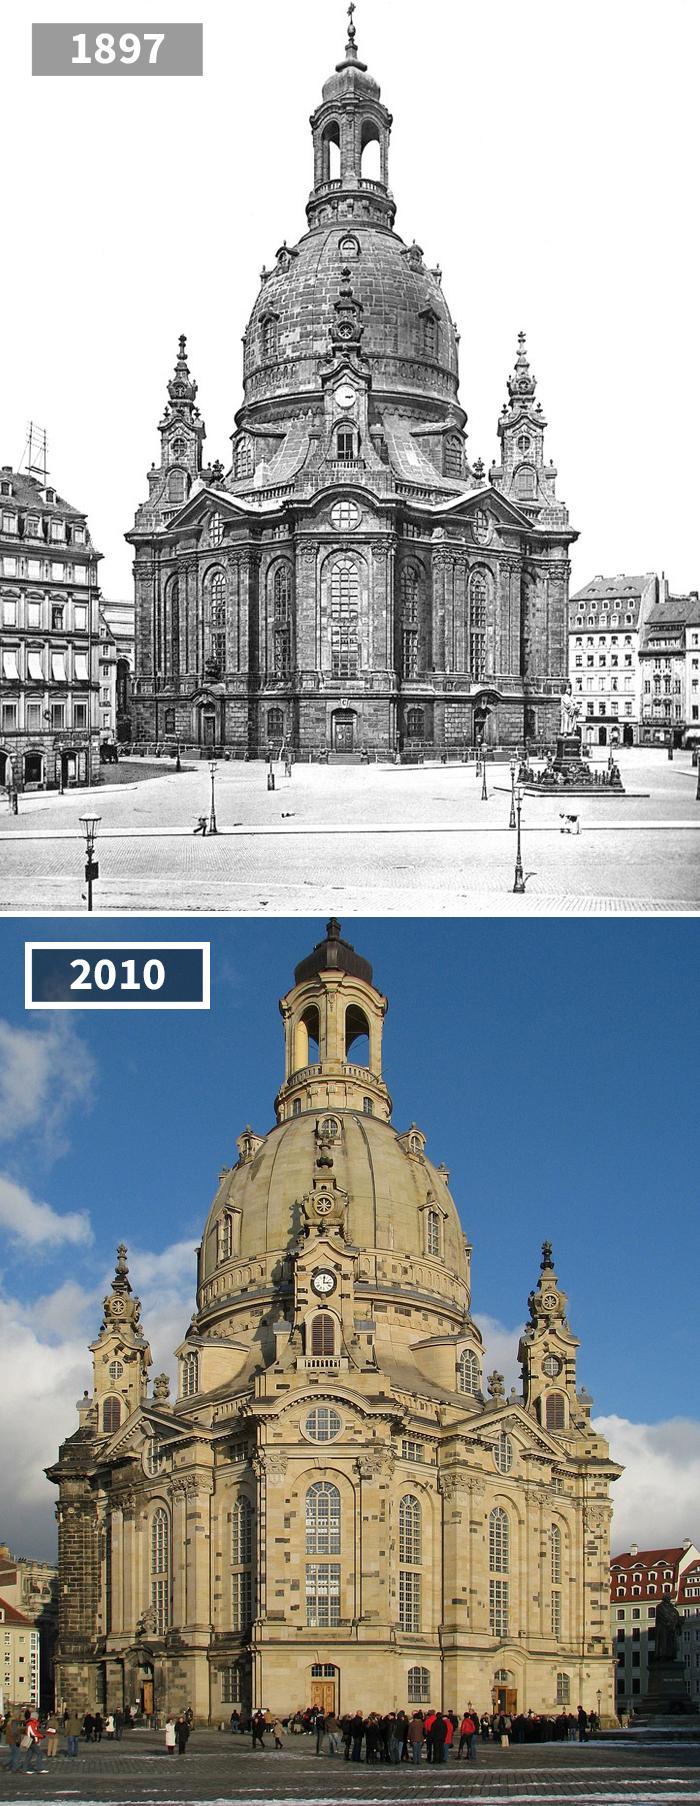 Как изменился мир за 100 лет: фотографии до и после Как изменился мир за 100 лет: фотографии до и после 1919